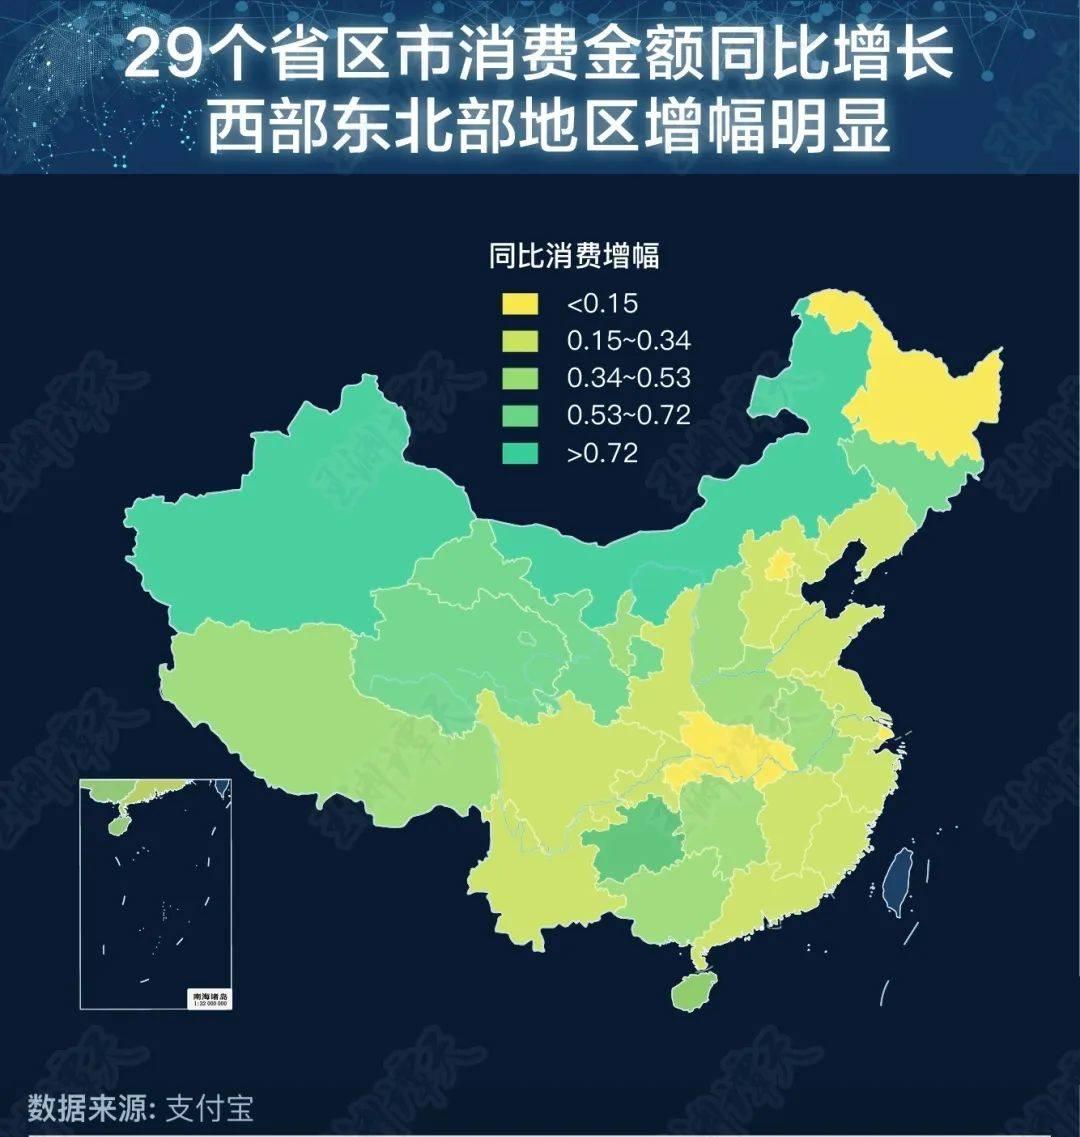 29省区市消费金额同比增长